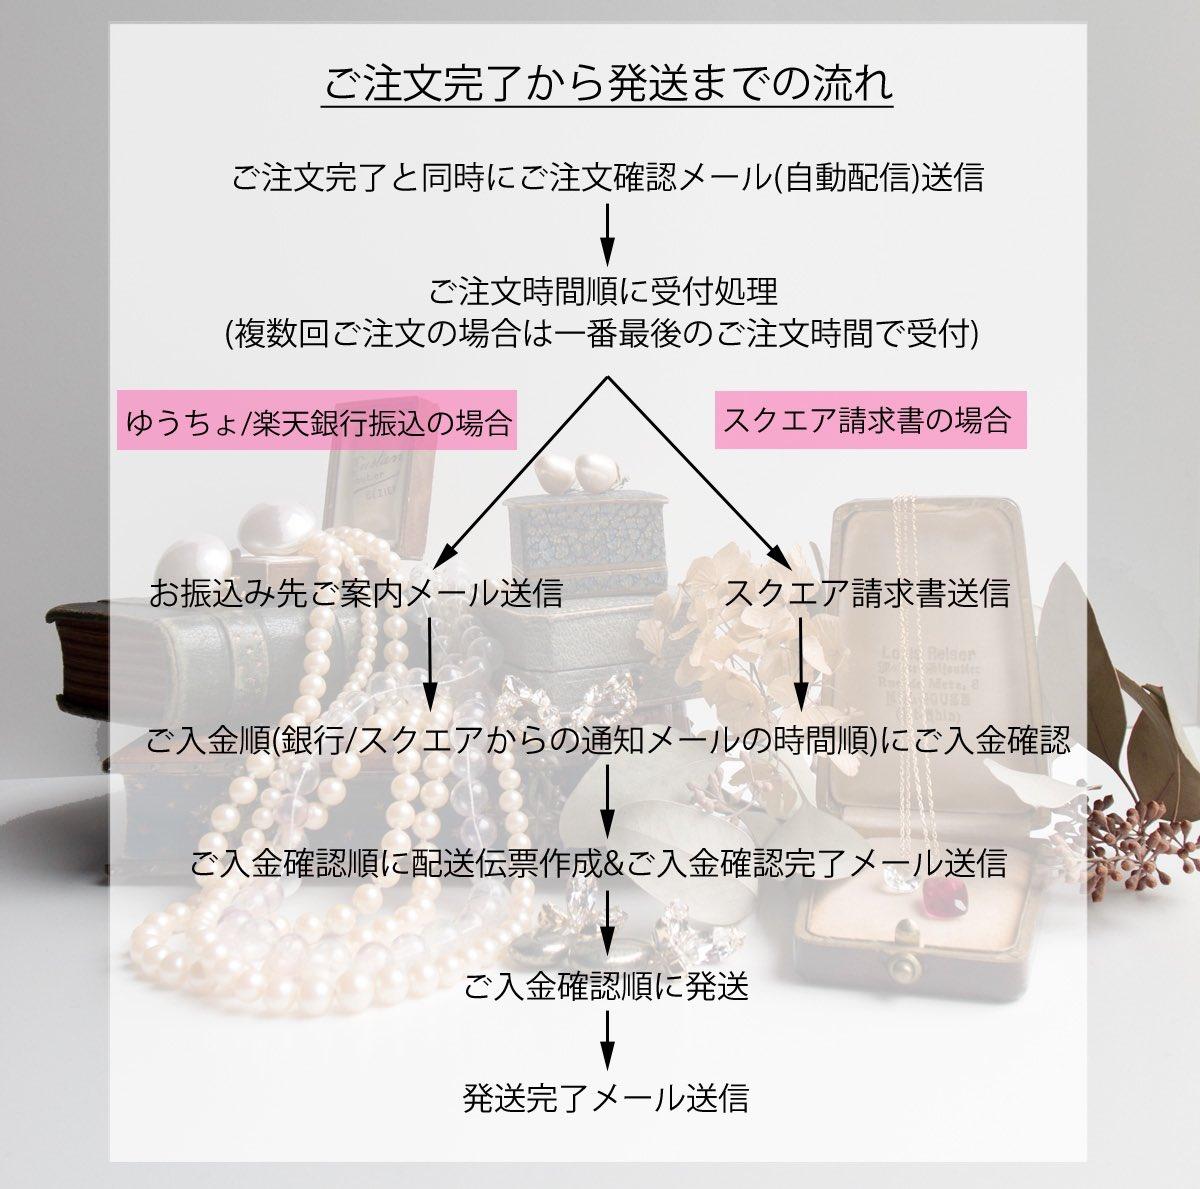 振込 土日 銀行 ゆうちょ